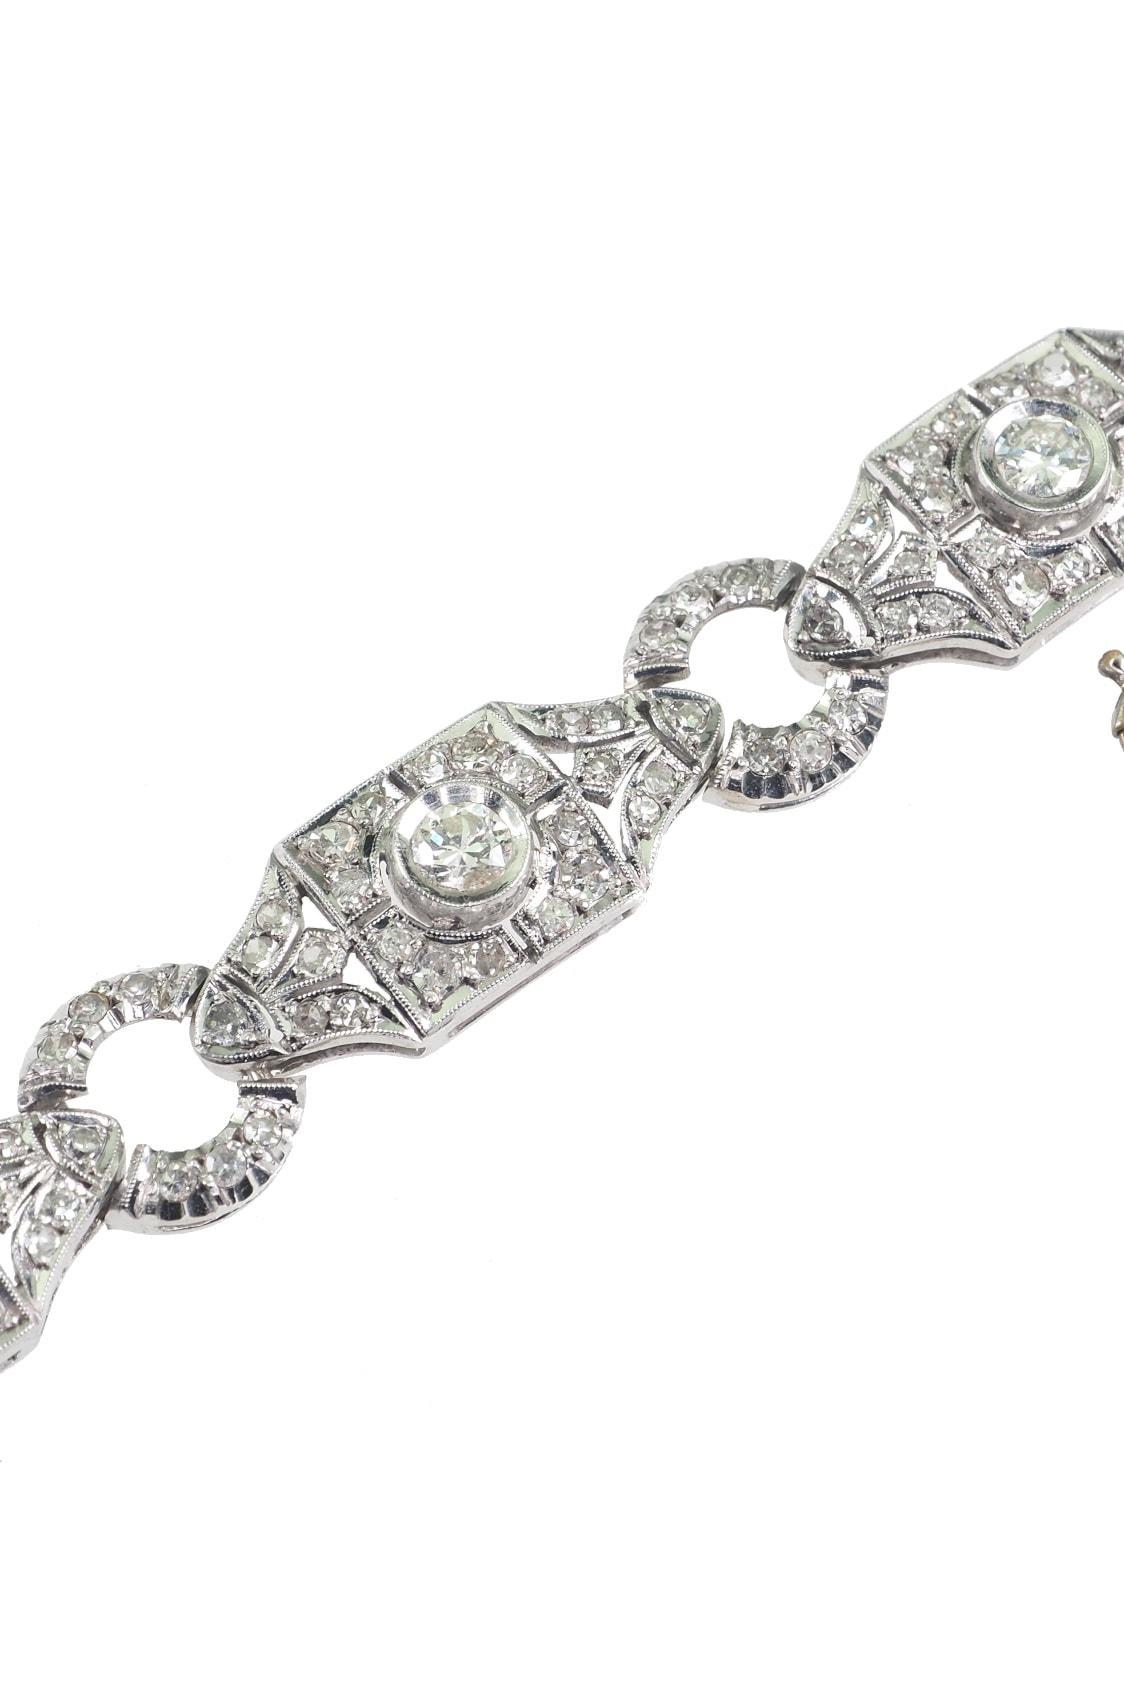 antikes-Diamantarmband-kaufen-2796c